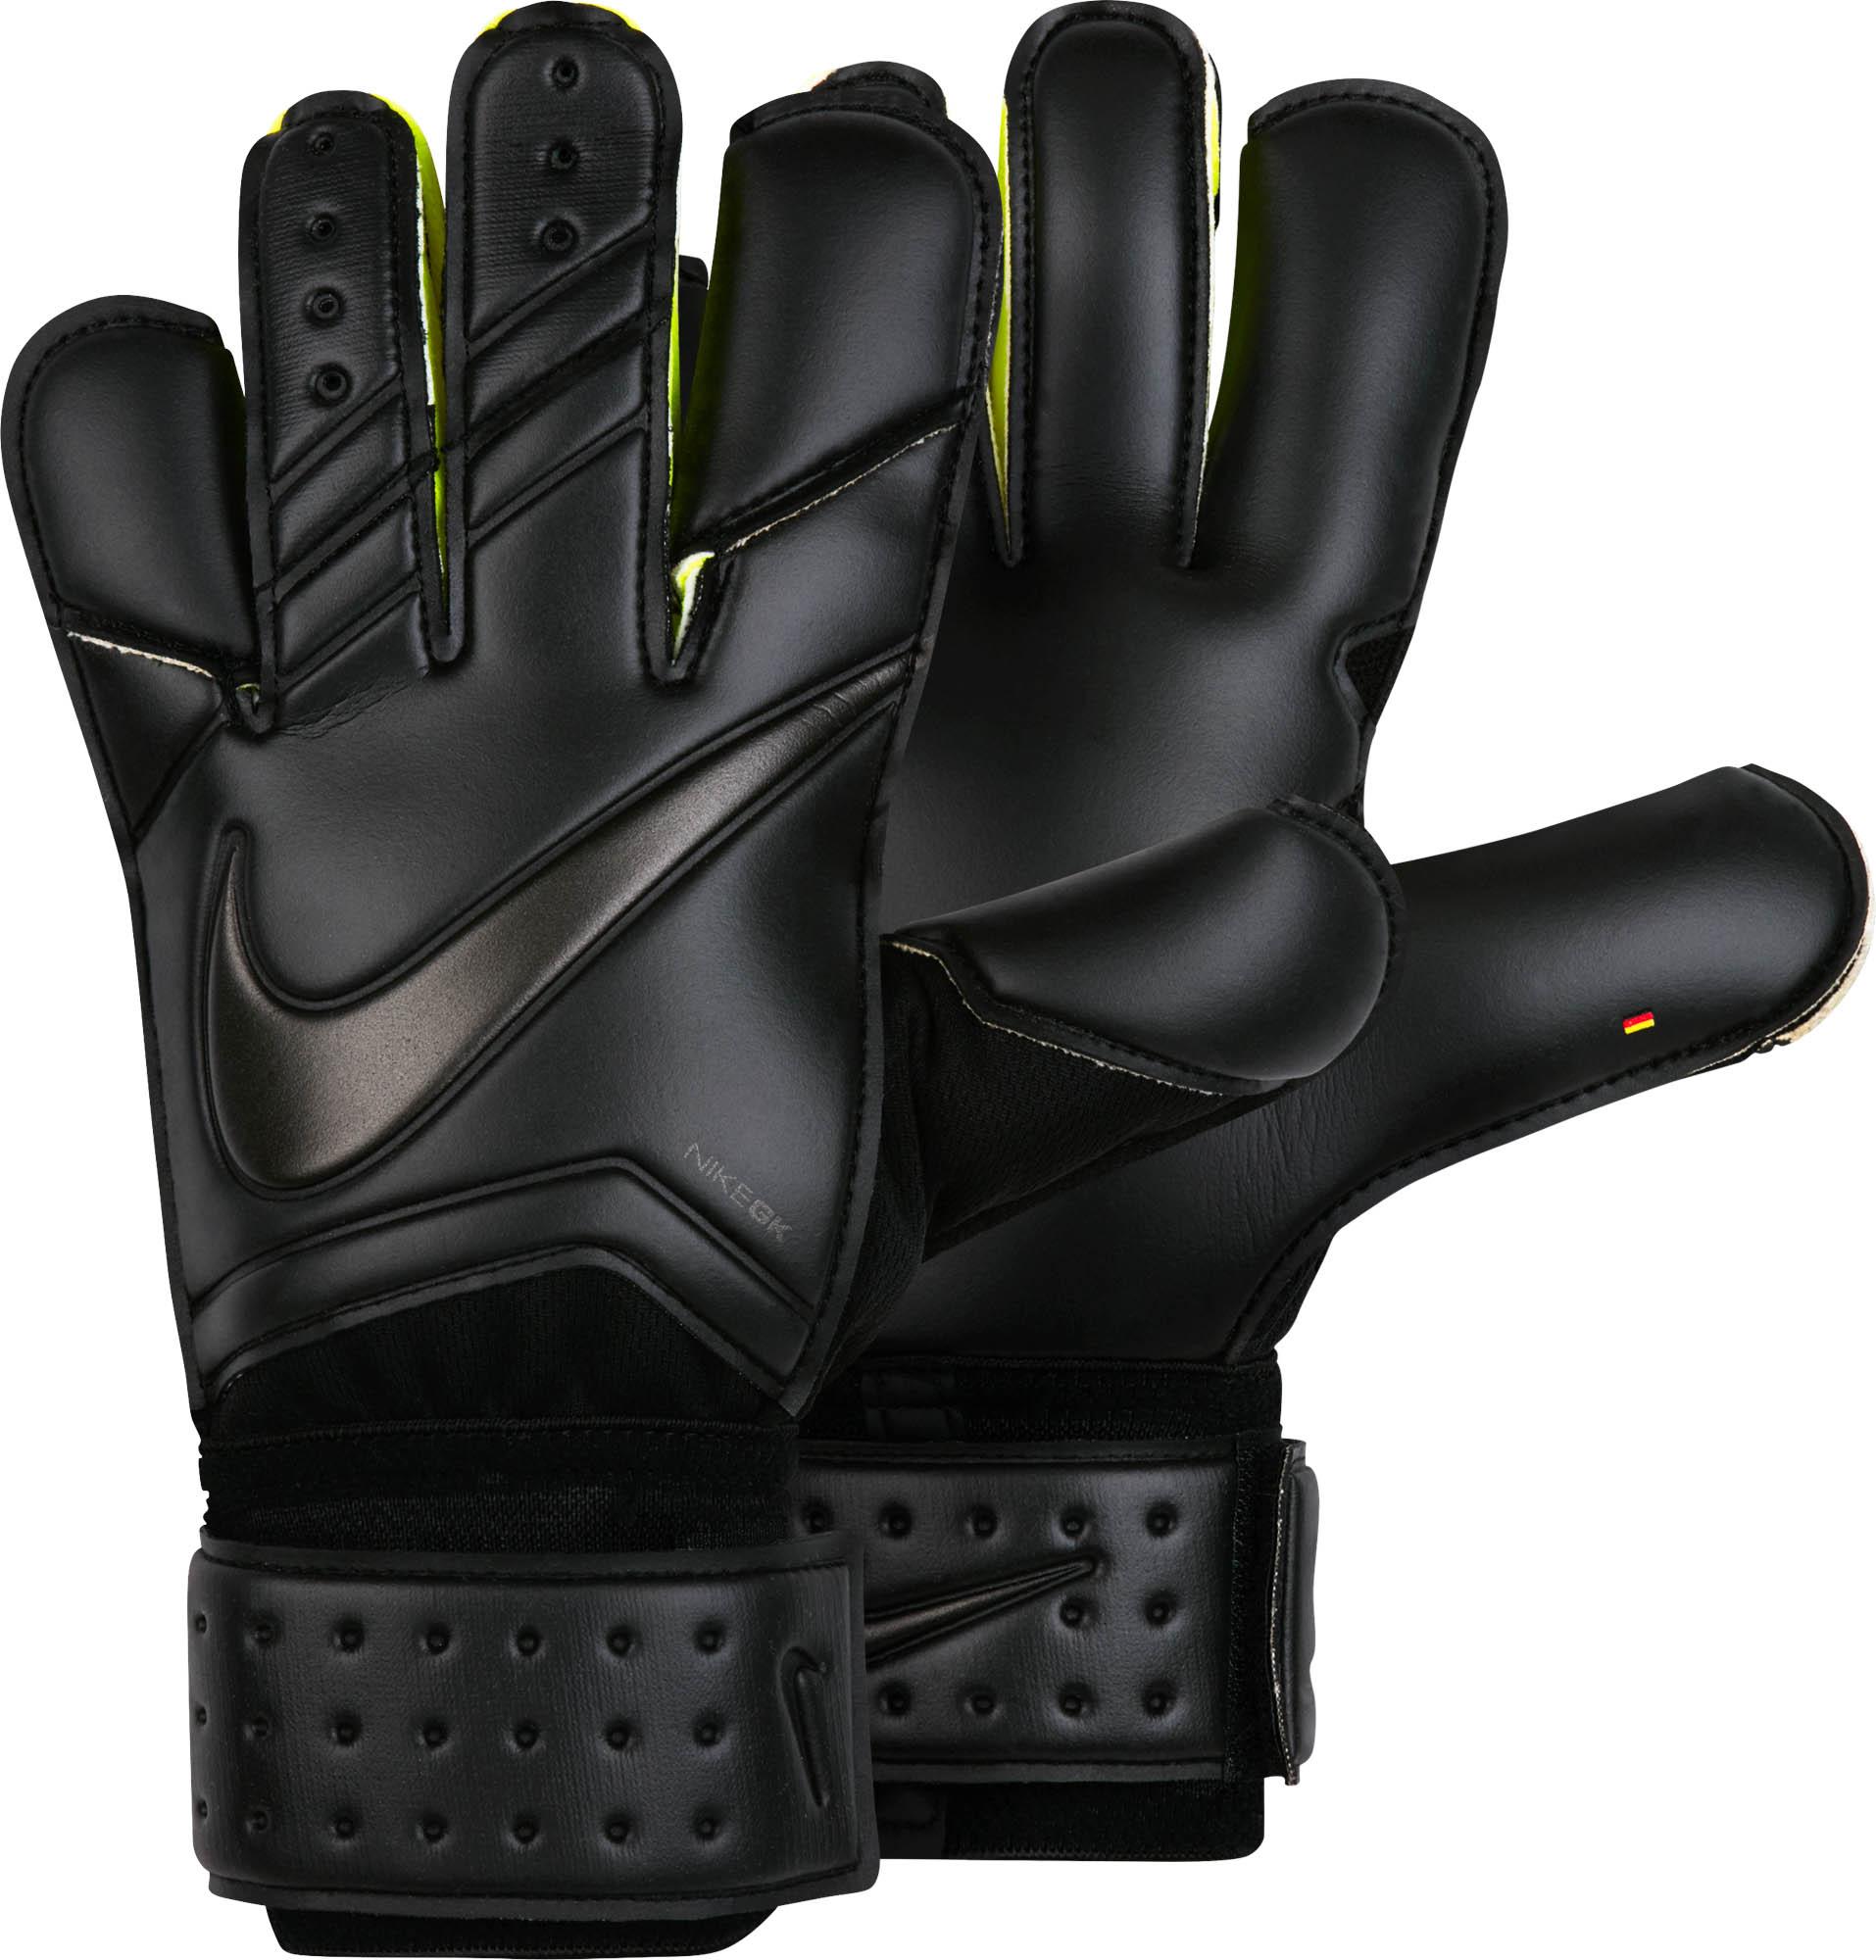 Nike Vapor Grip 3 Goalkeeper Gloves - Nike GK Gloves 1cff63e27248